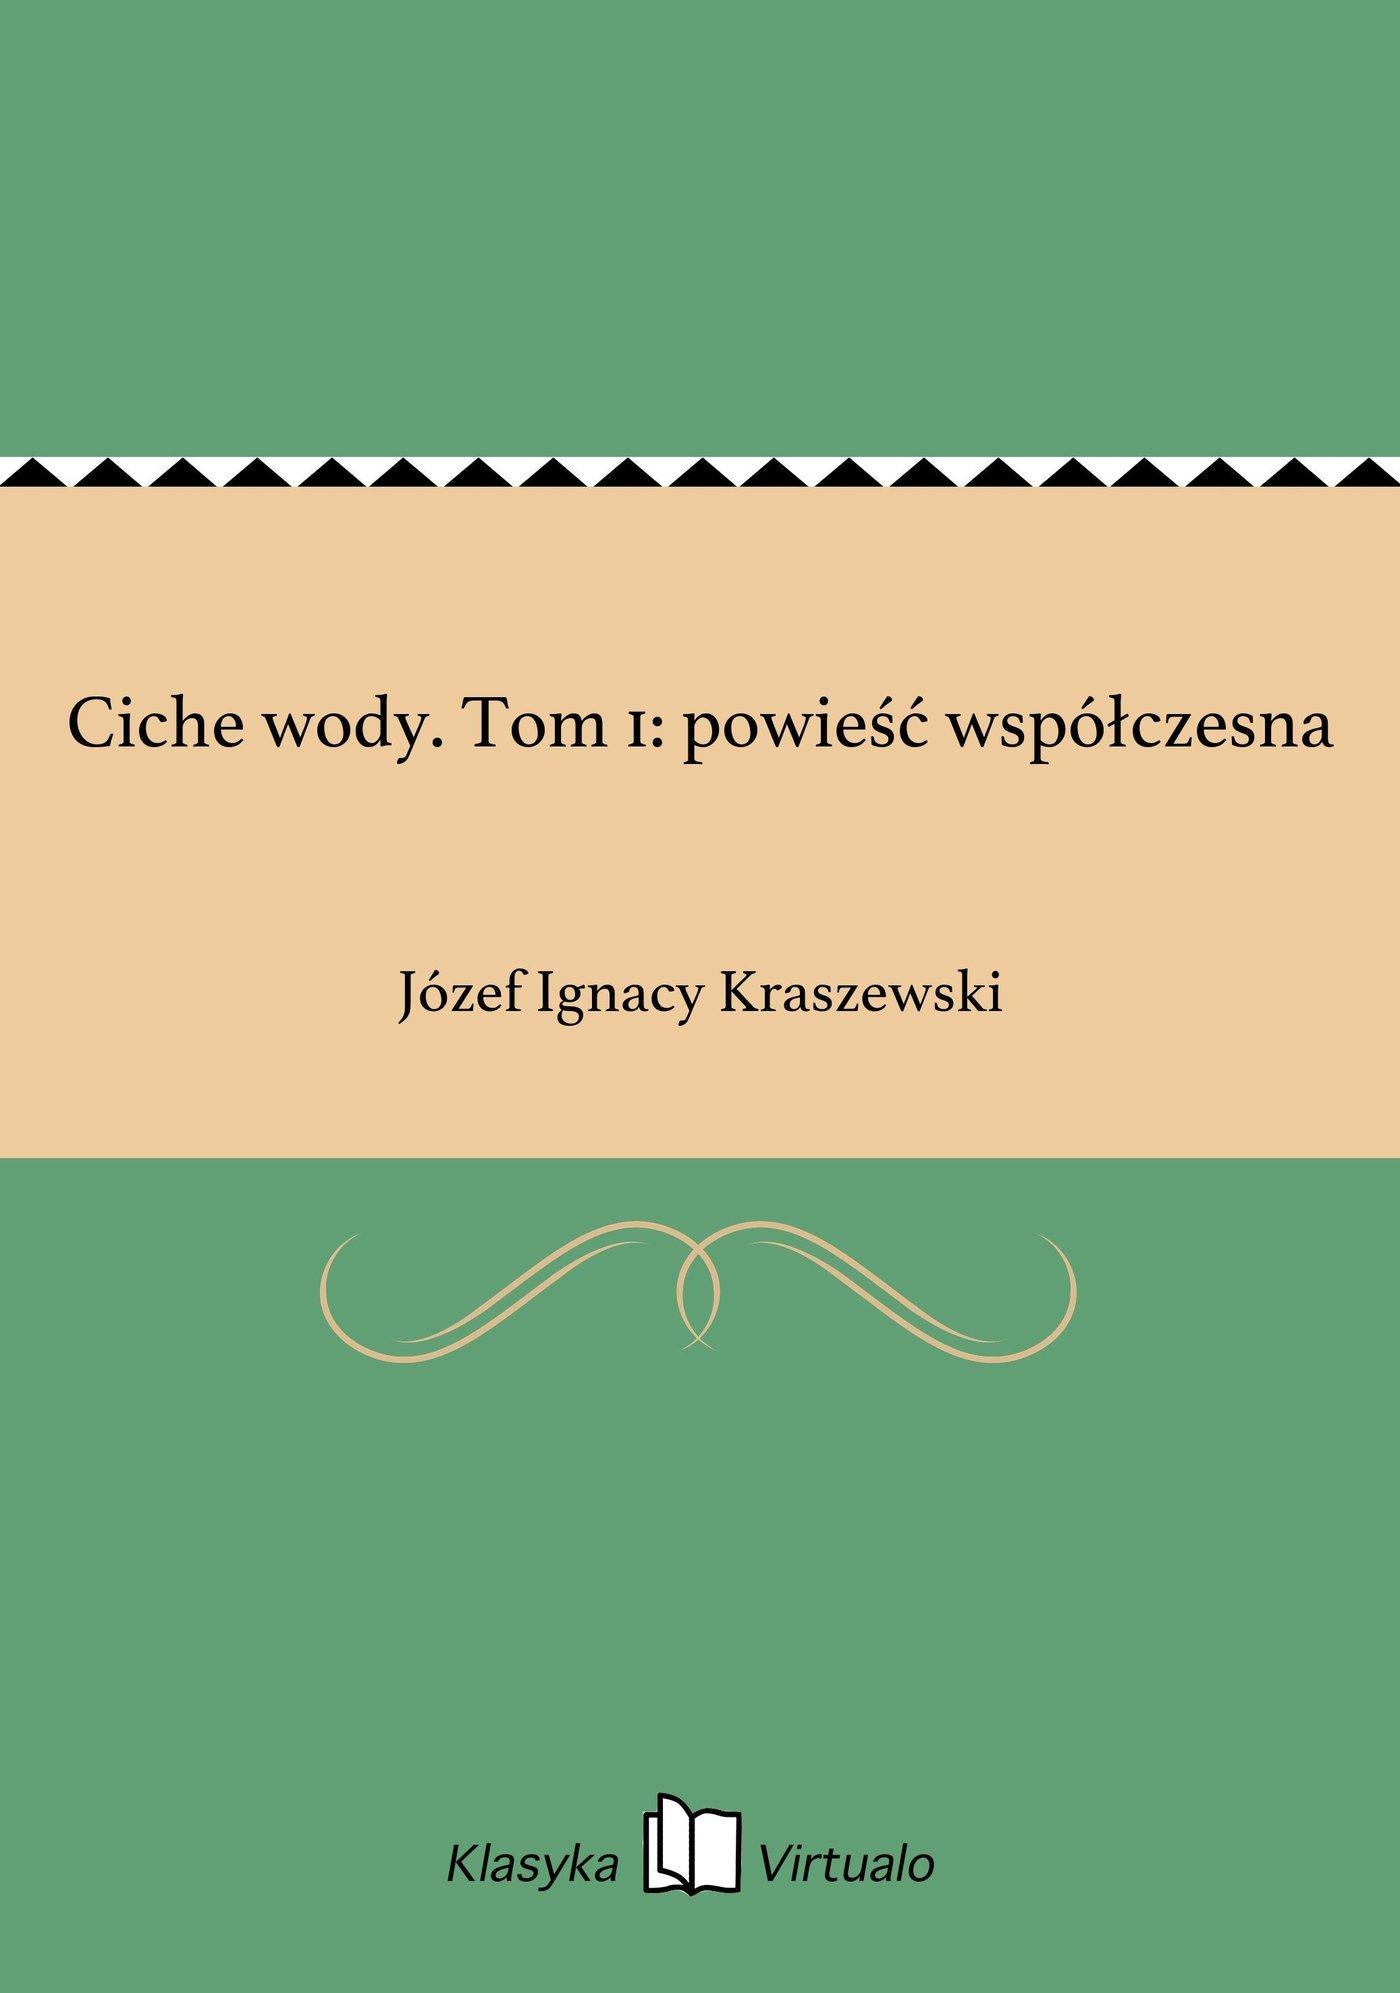 Ciche wody. Tom 1: powieść współczesna - Ebook (Książka EPUB) do pobrania w formacie EPUB